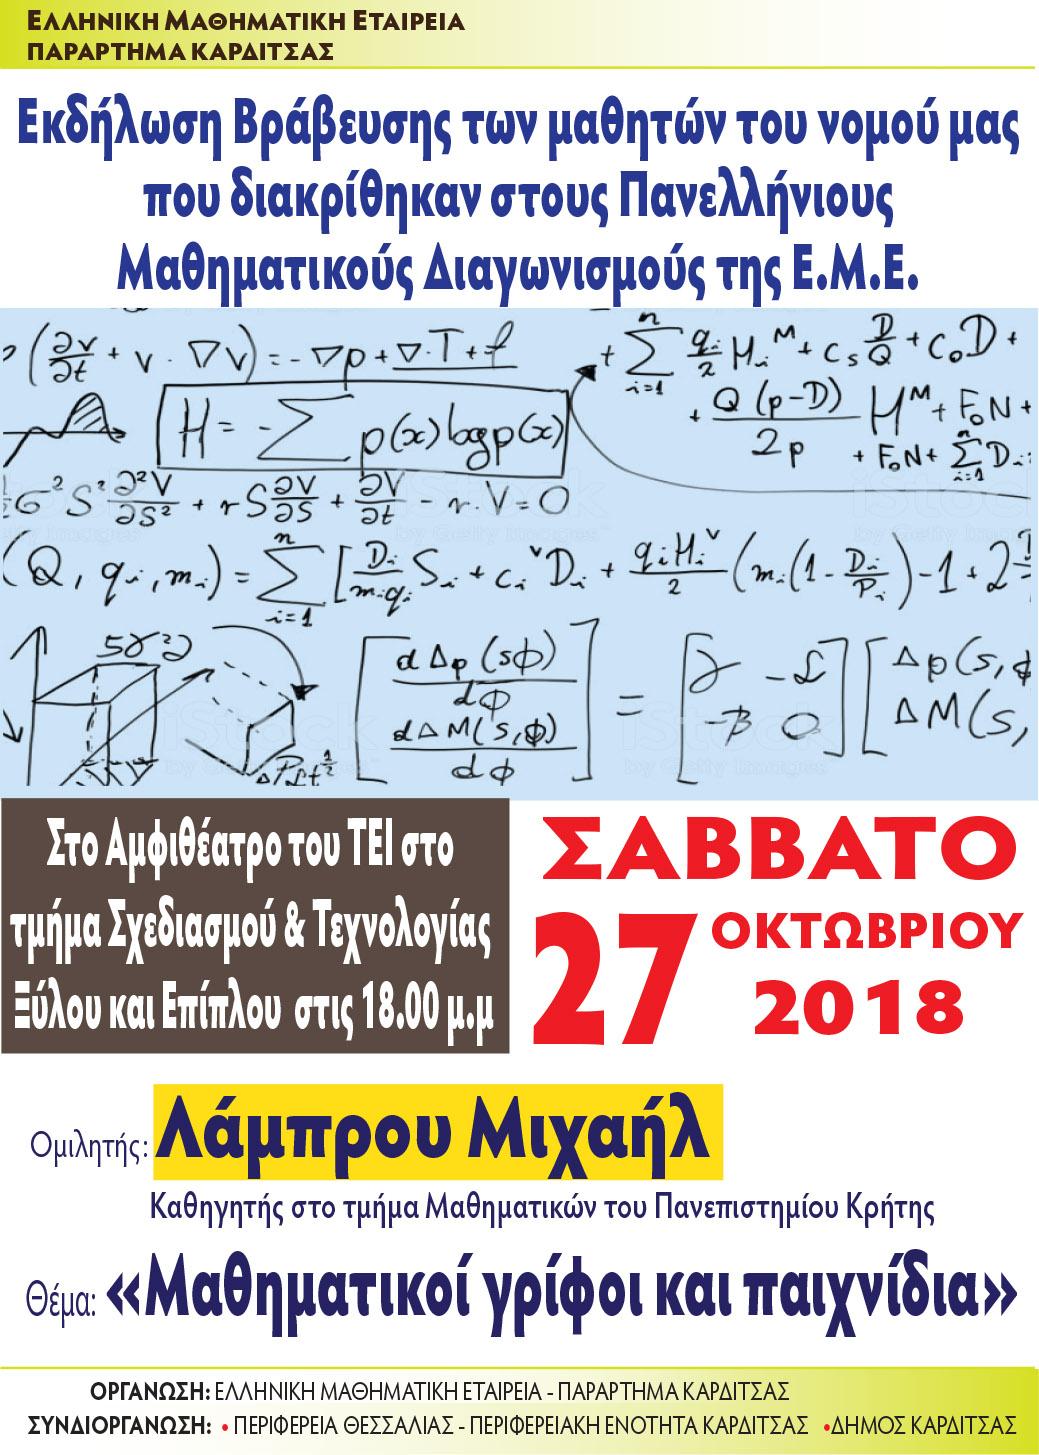 Mathimatiki afisa 27 10